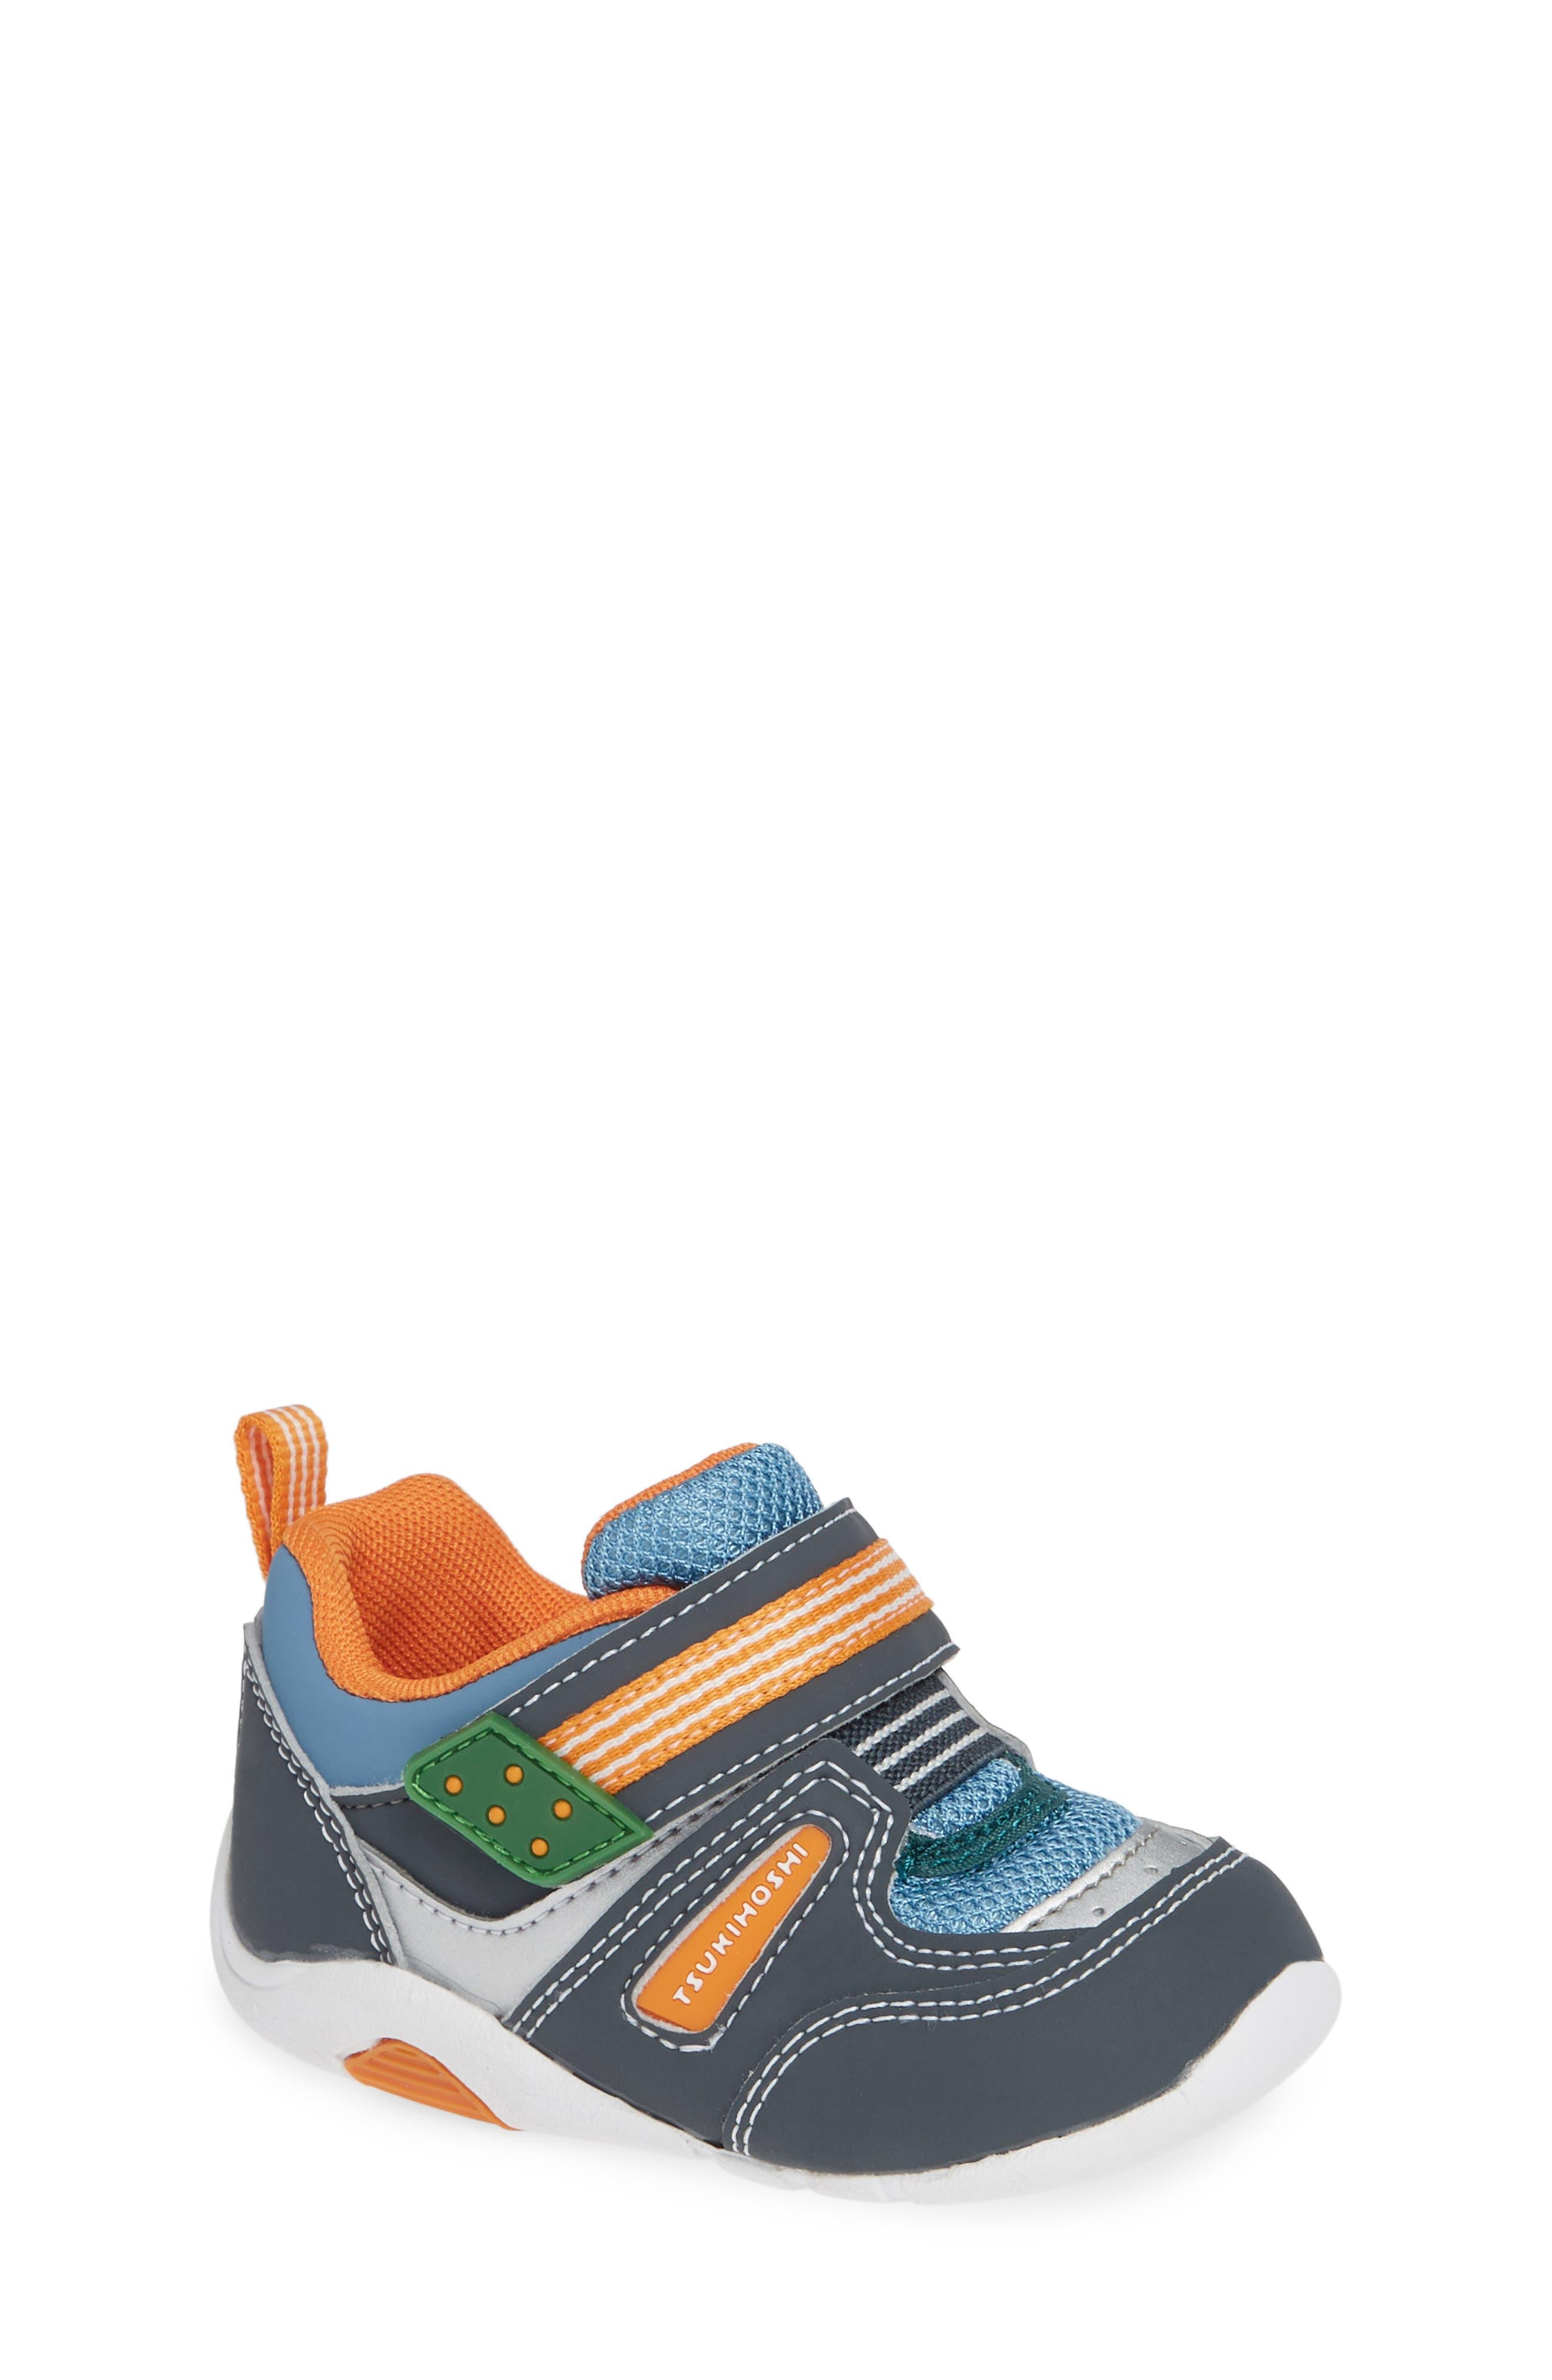 Neko Washable Sneaker,                             Main thumbnail 1, color,                             CHARCOAL/ SEA